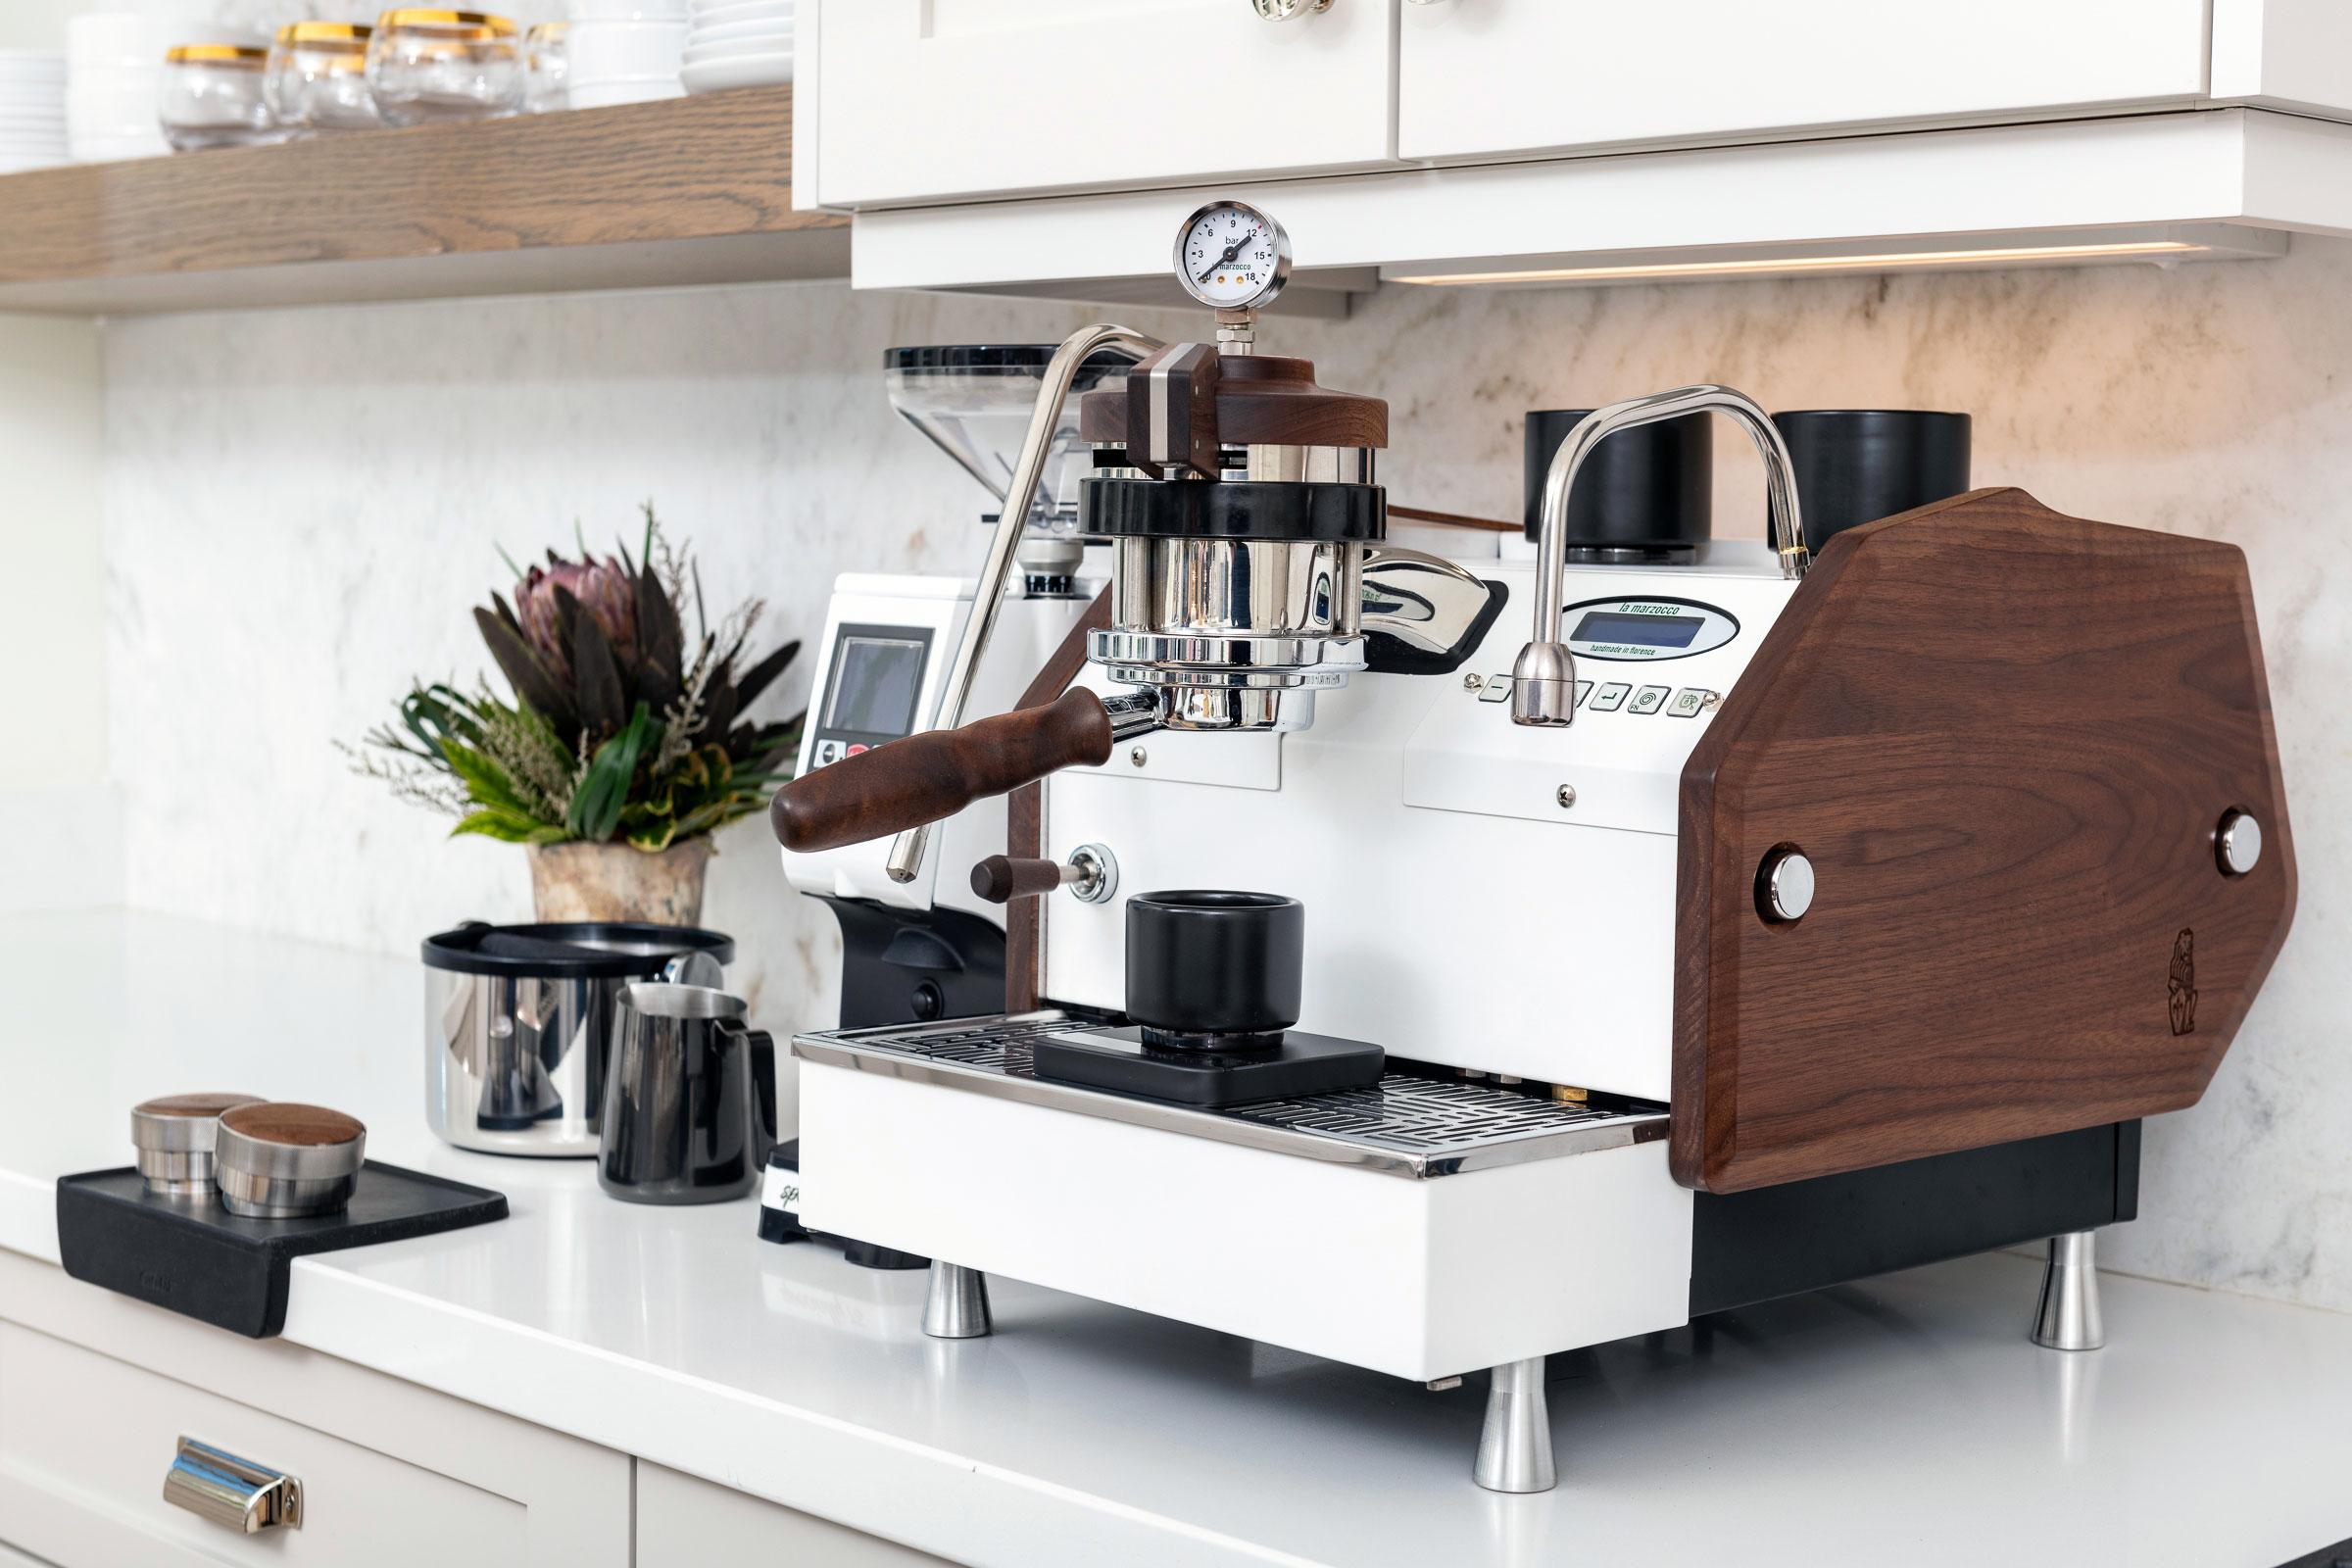 la marzocco gs3 espresso machine